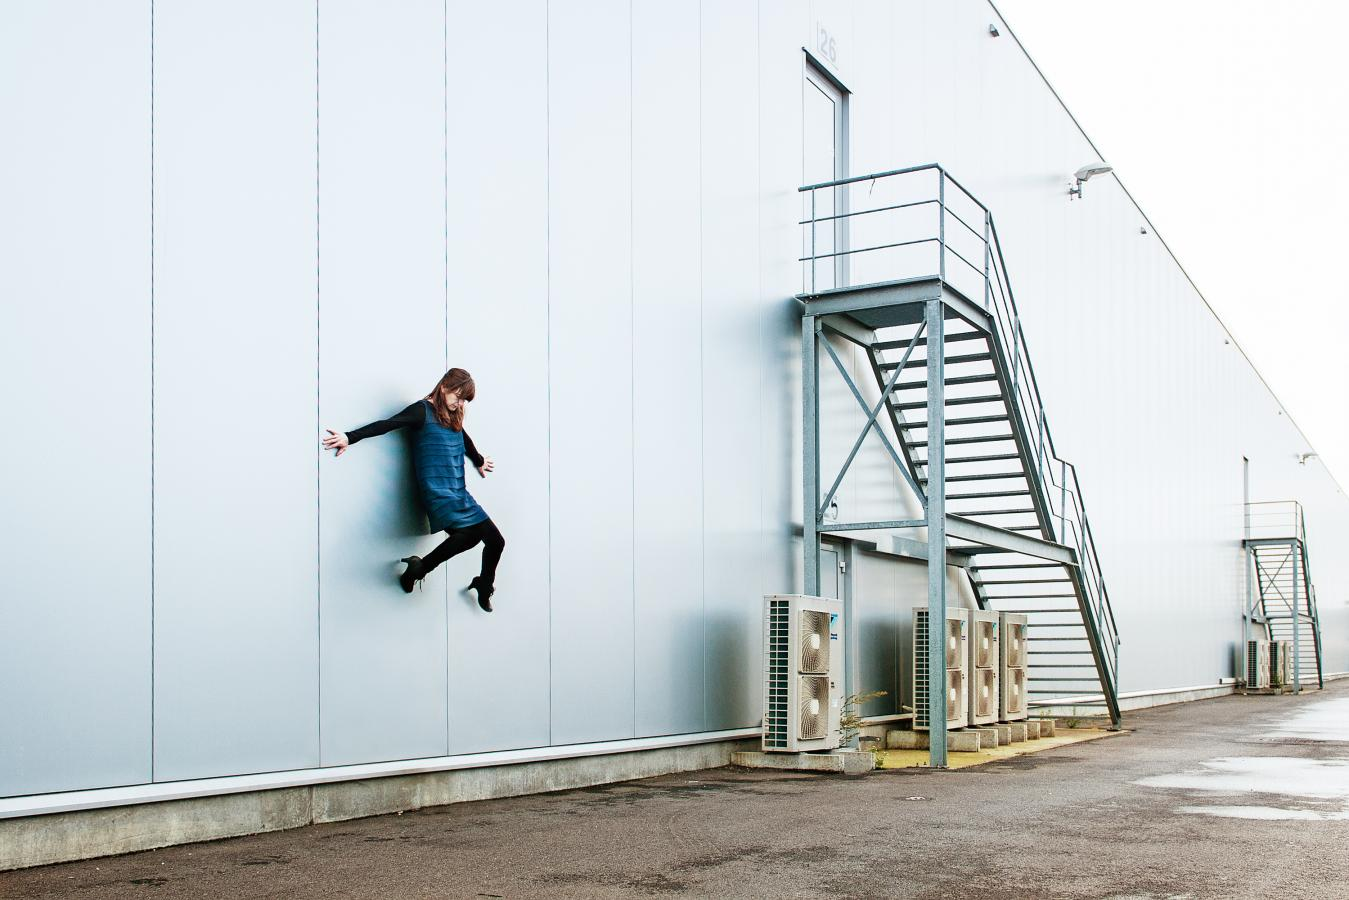 defying-gravity-antwerpen-2012